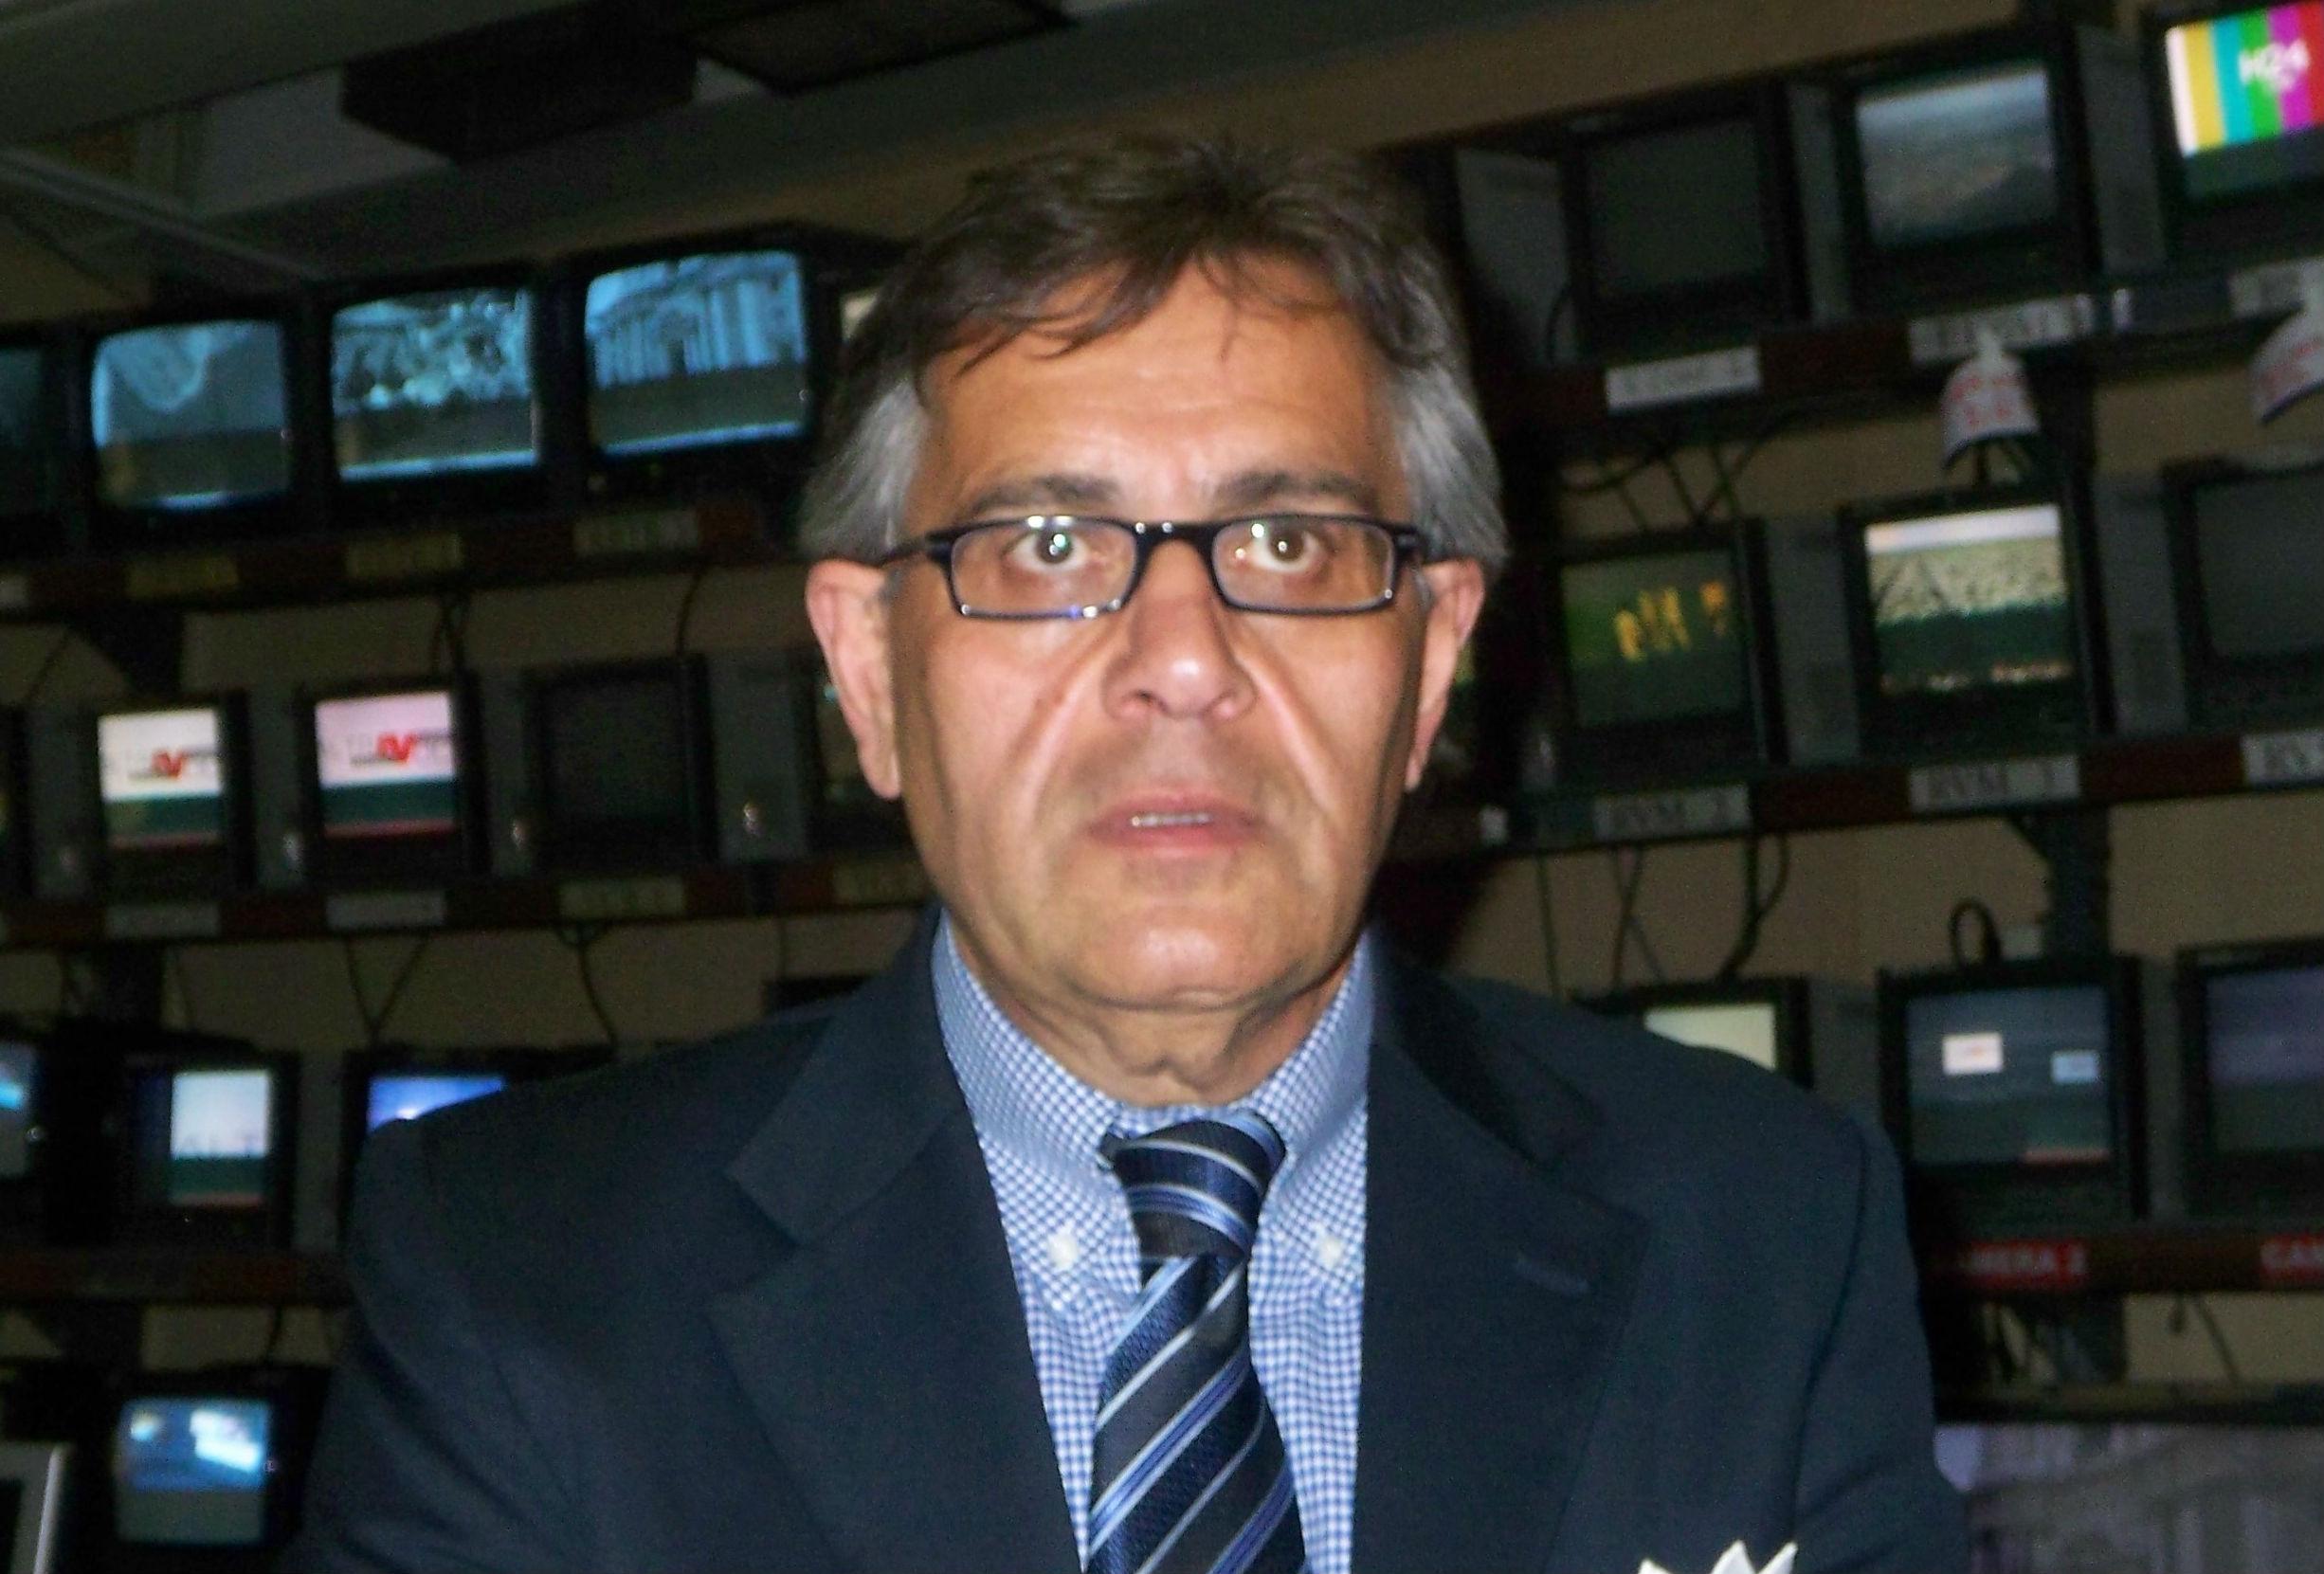 Morto Pietro Pasquetti, giornalista Rai e gran tifoso della Lazio